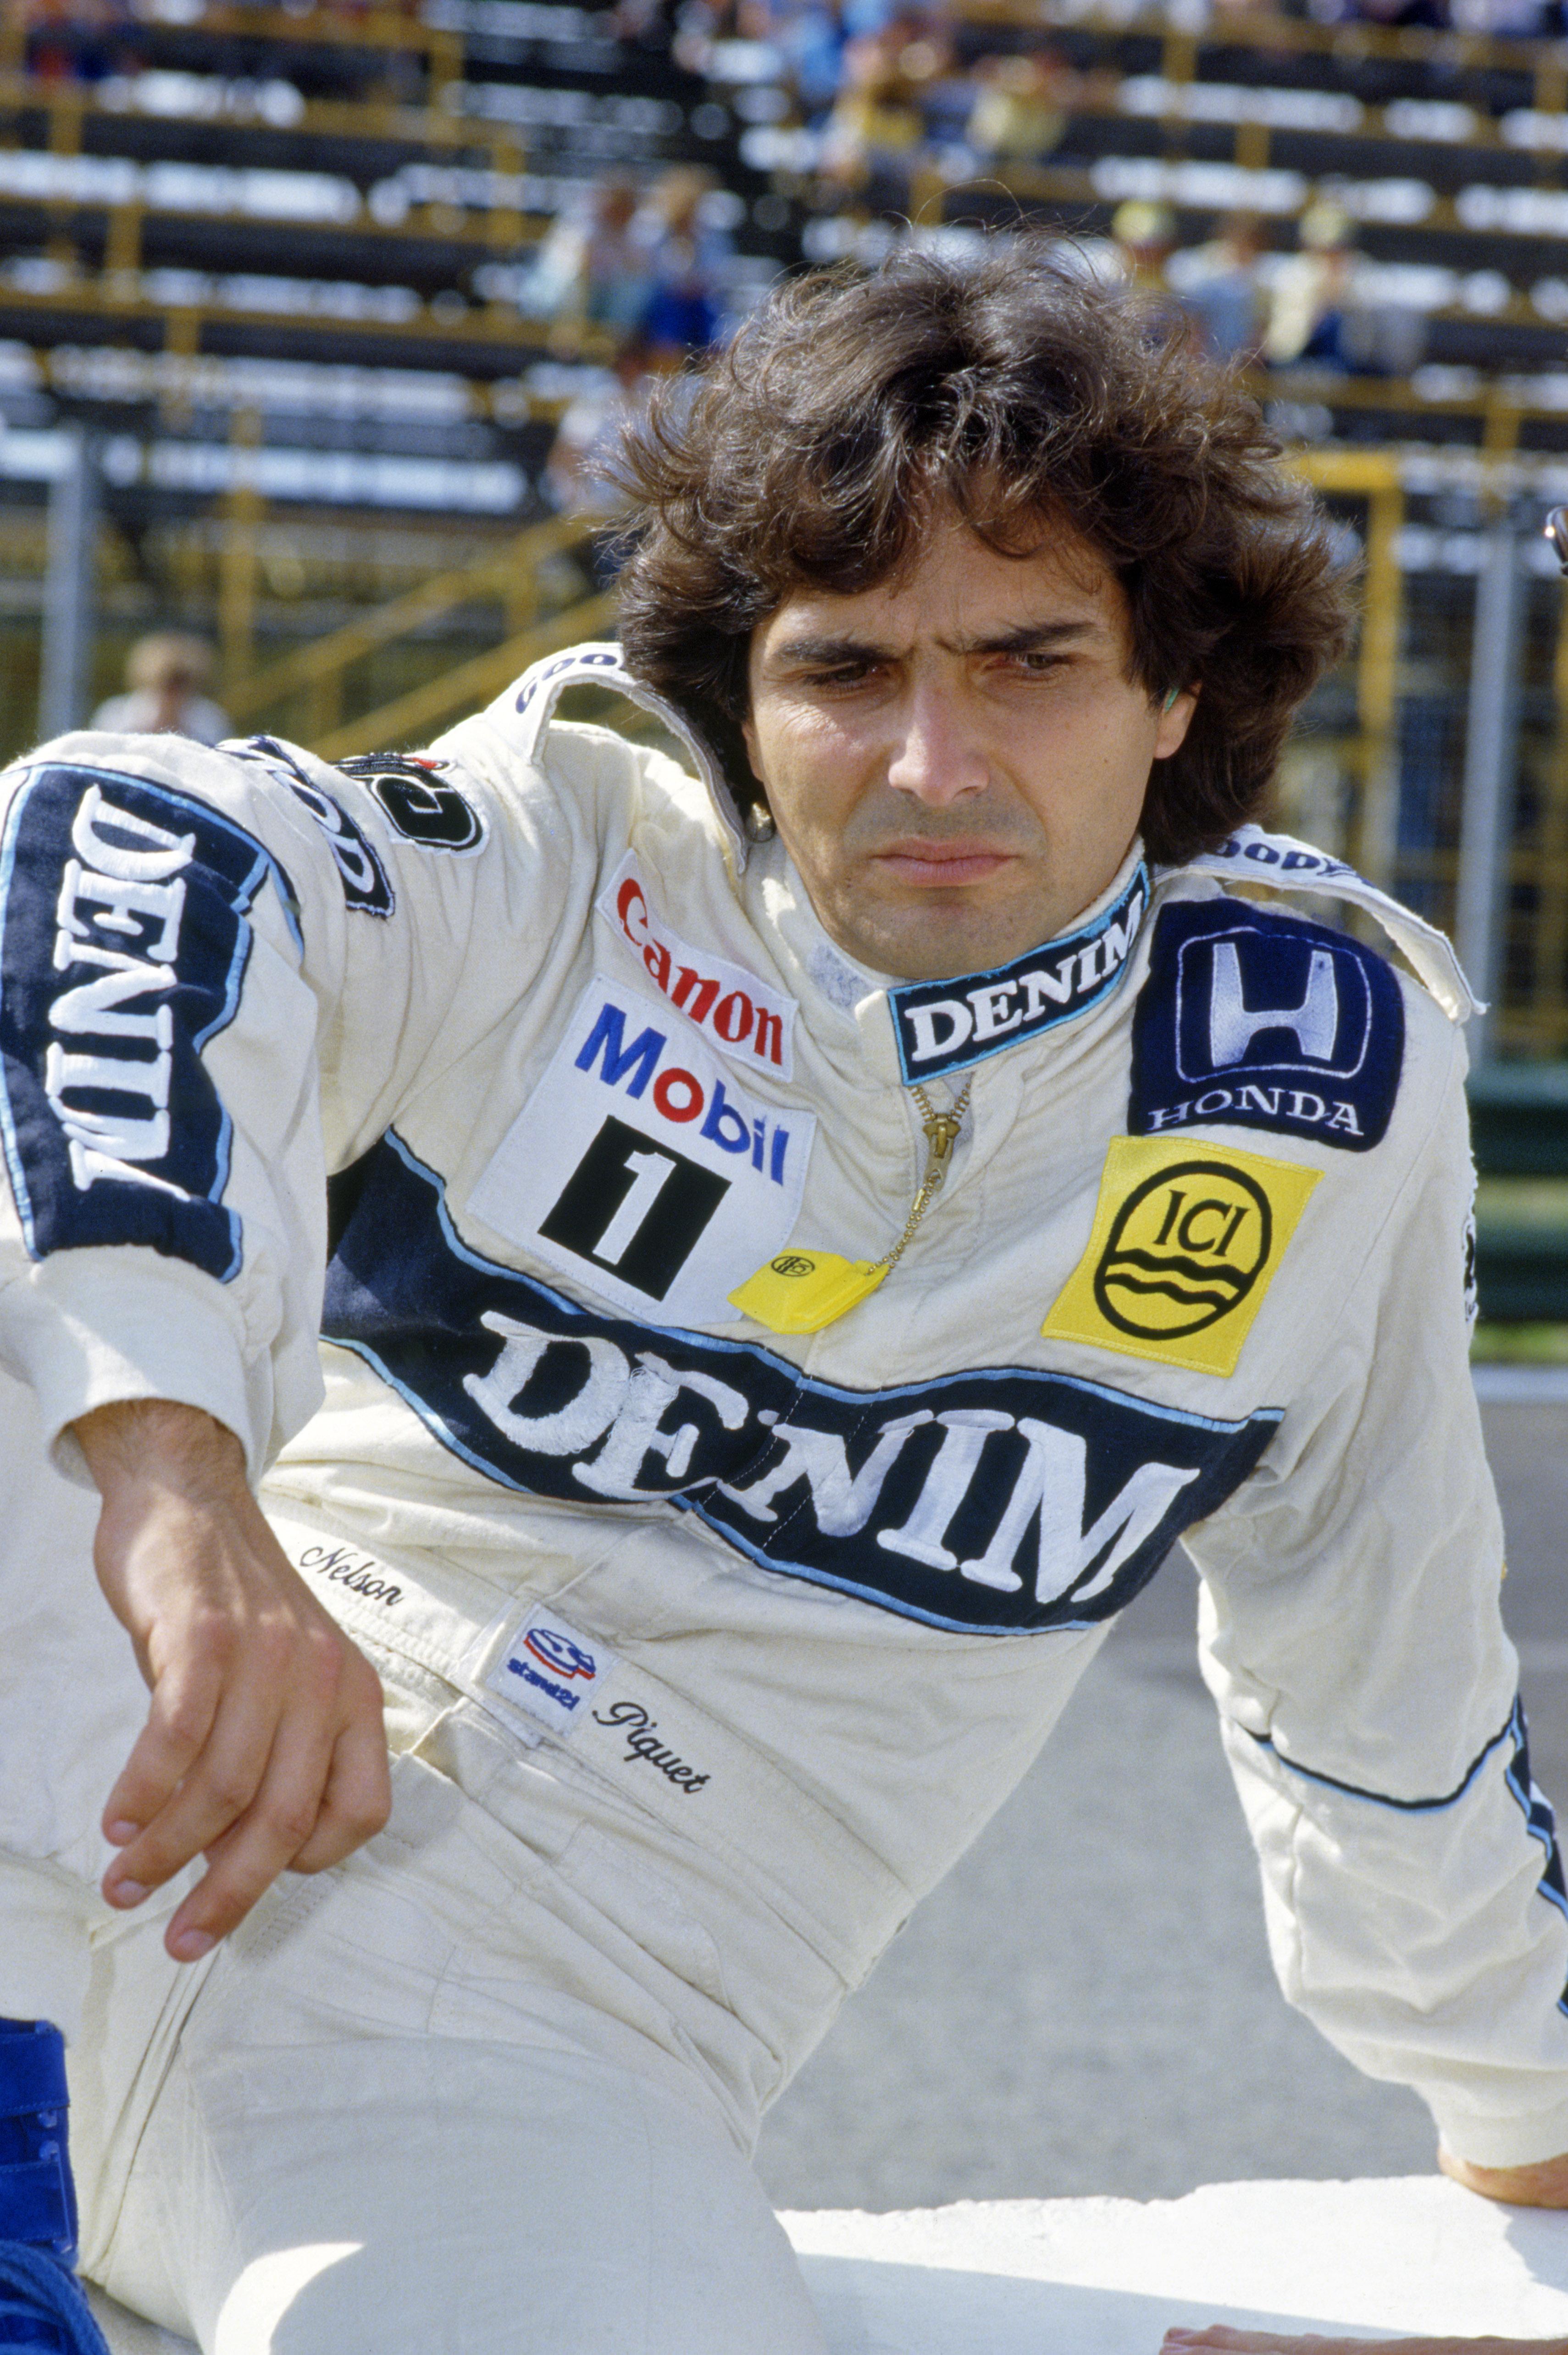 Her er kanskje Nelson irritert over noe Mansell har gjort, men stort sett var brasilianeren kjent for å være særdeles blid og utadvendt, med en ustoppelig trang etter practical jokes. Foto: Williams